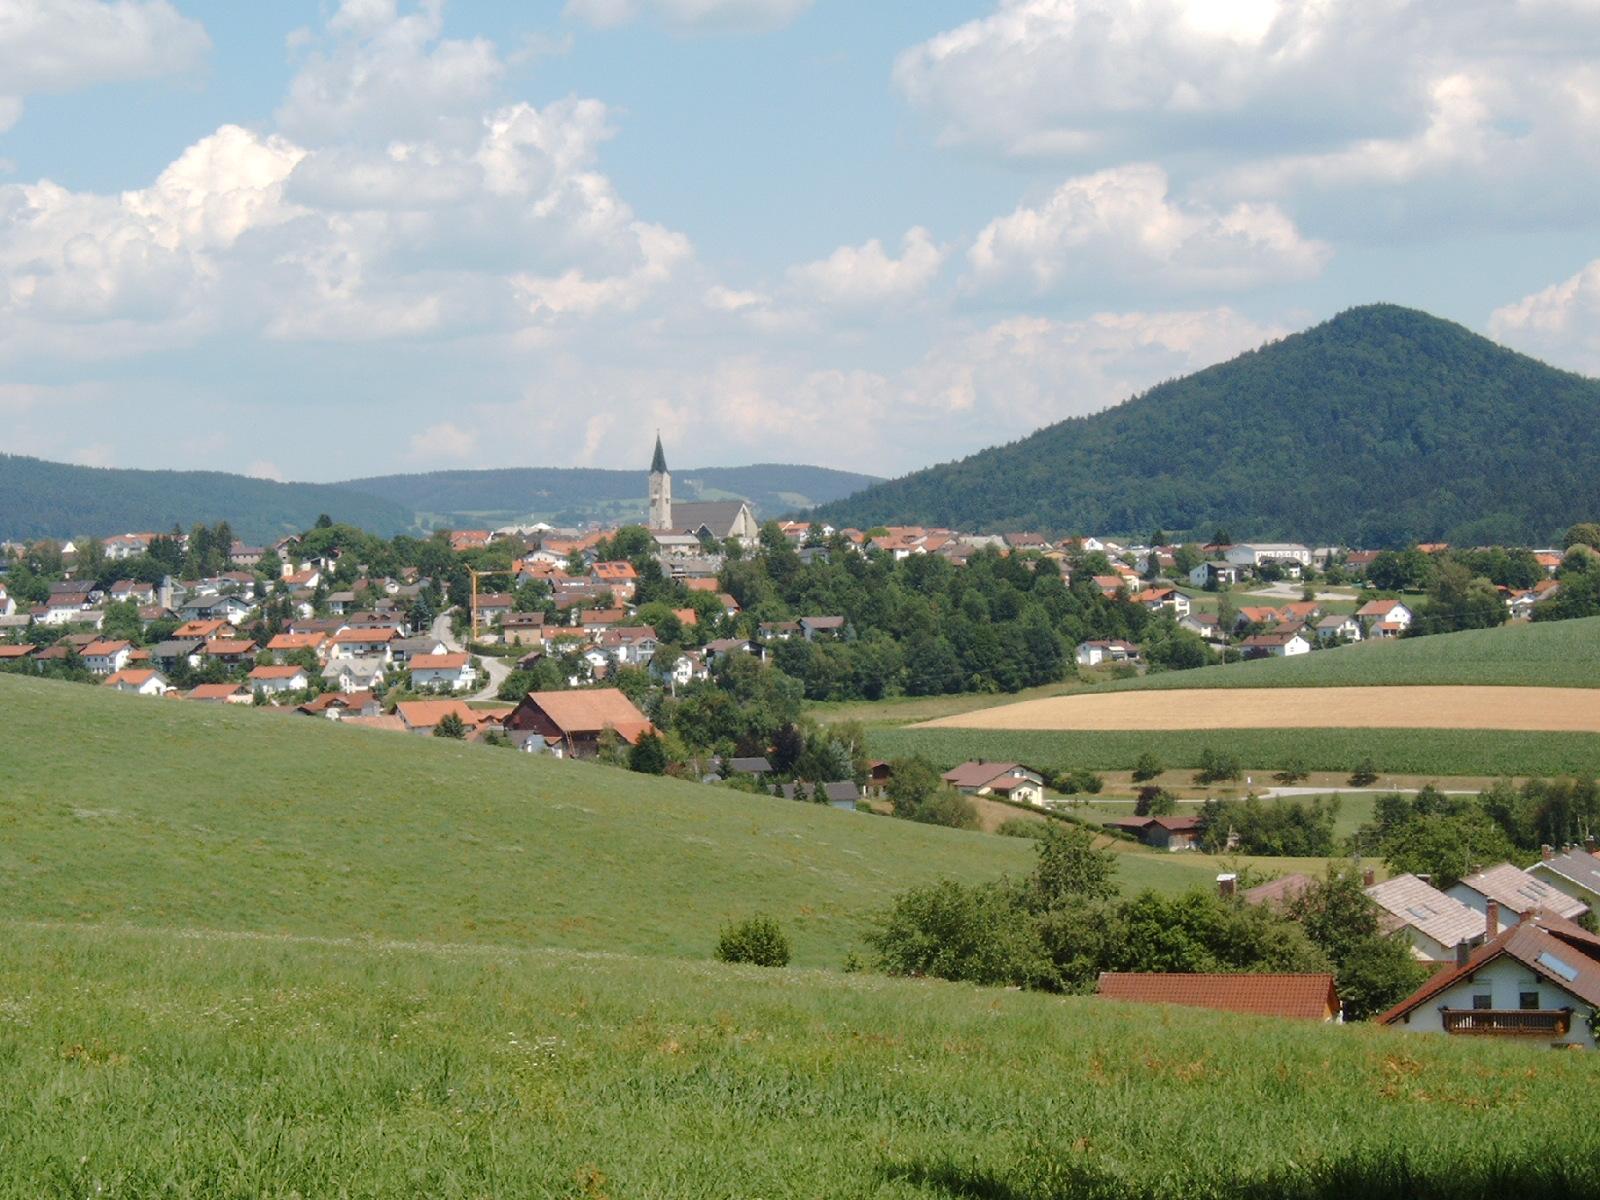 301 moved permanently - Ui hauzenberg ...